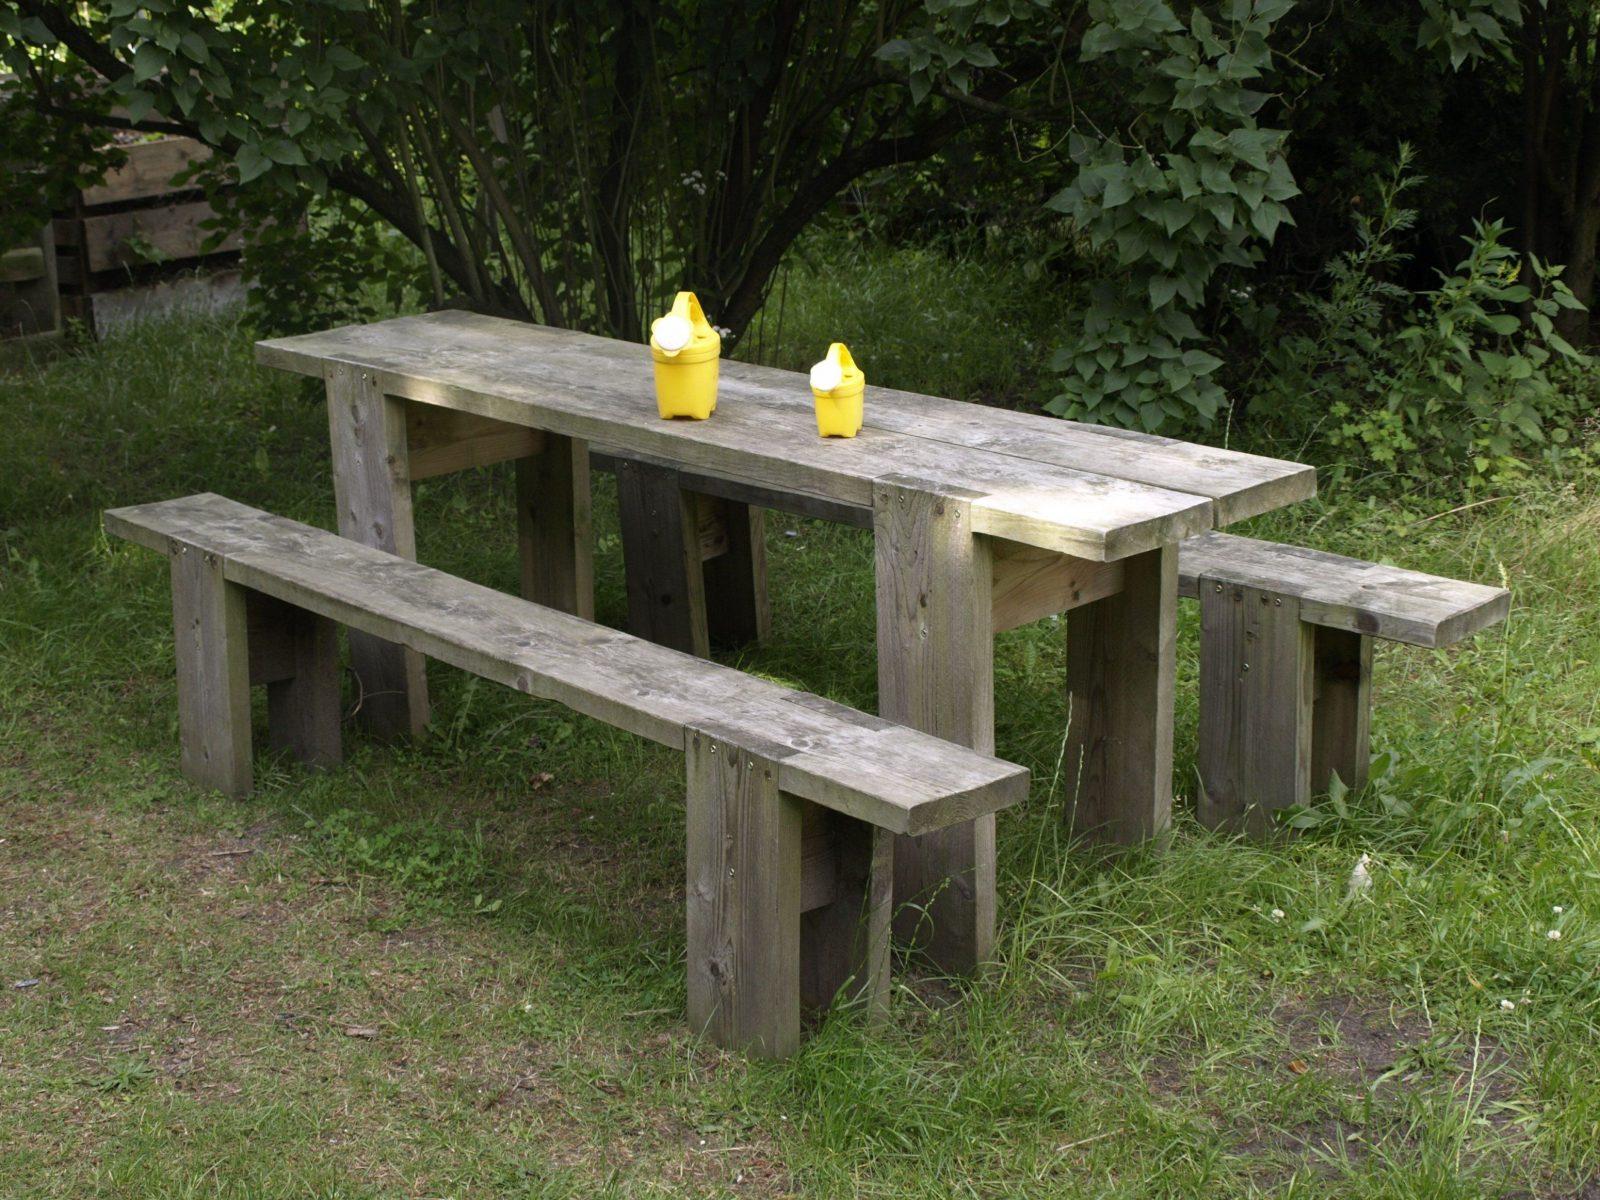 Der Gartentisch Und Die Gartenbank Sind Robust Und Billig  Bohlen von Gartentisch Mit 2 Bänken Photo